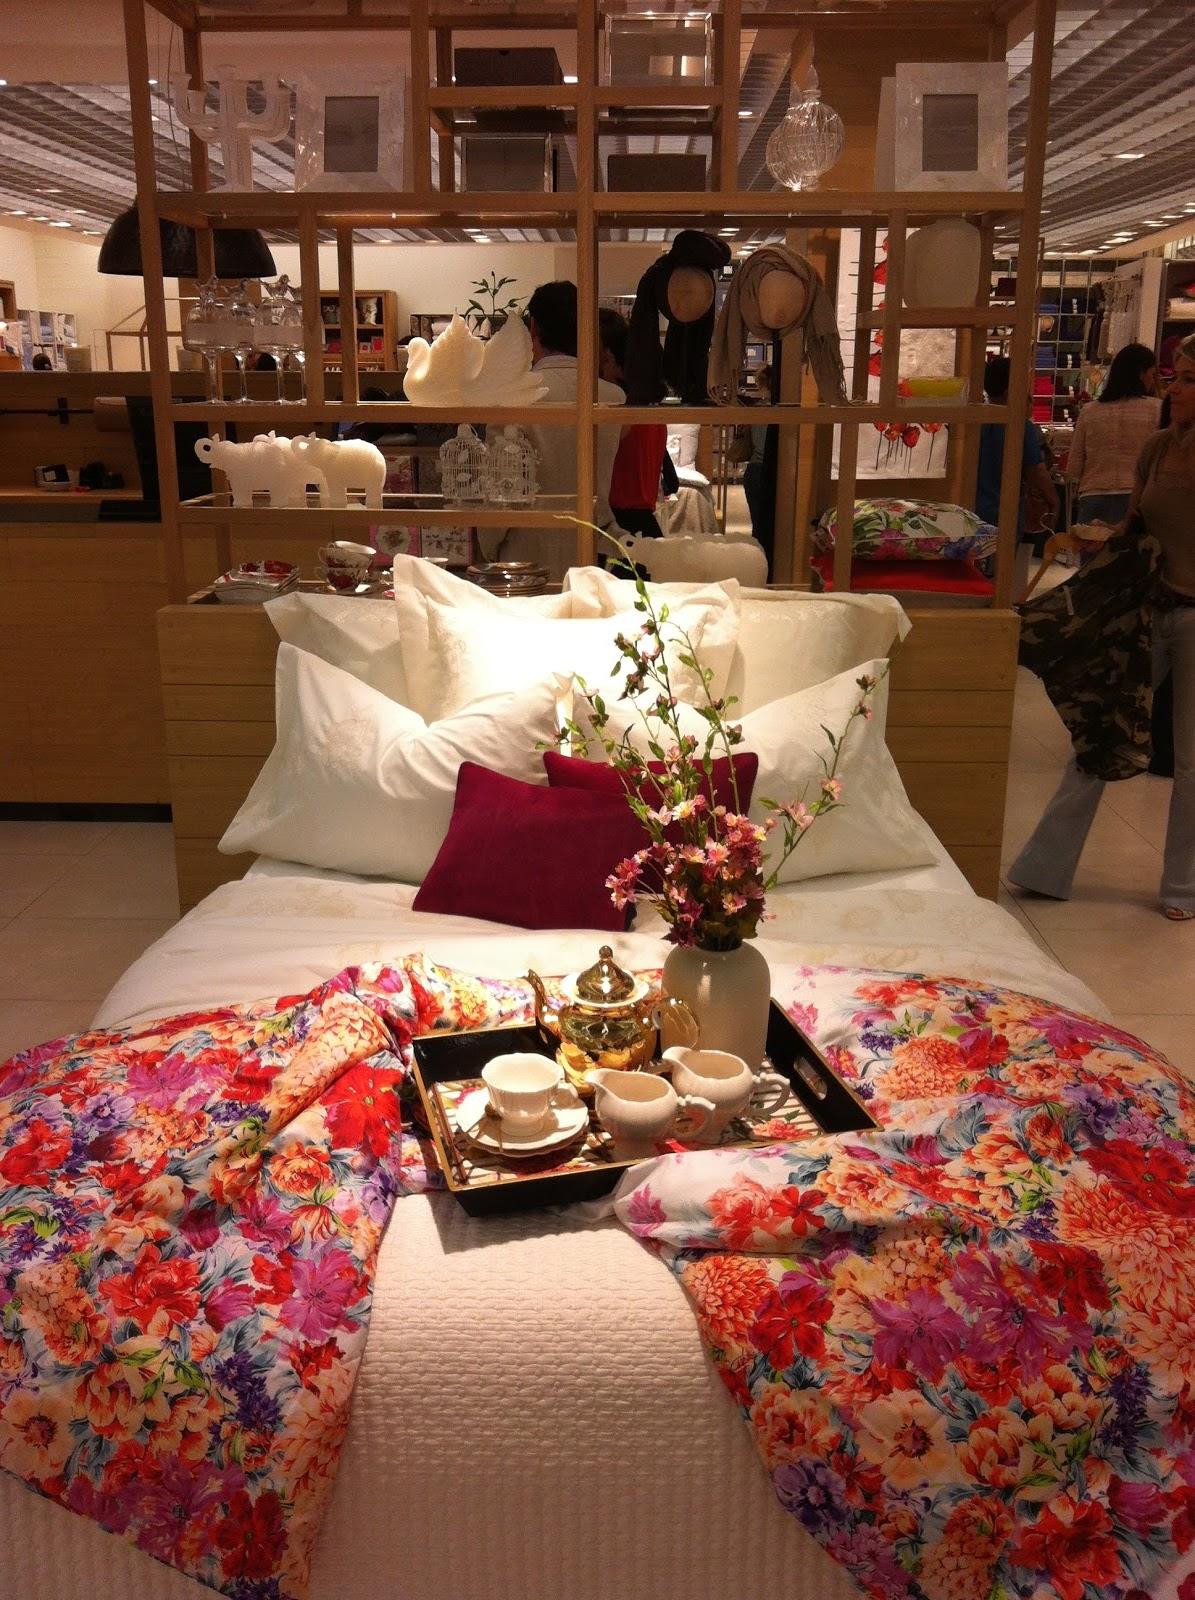 Zara-Home-Blog-da-Lari-Duarte-.com-Village-Mall-Inauguração